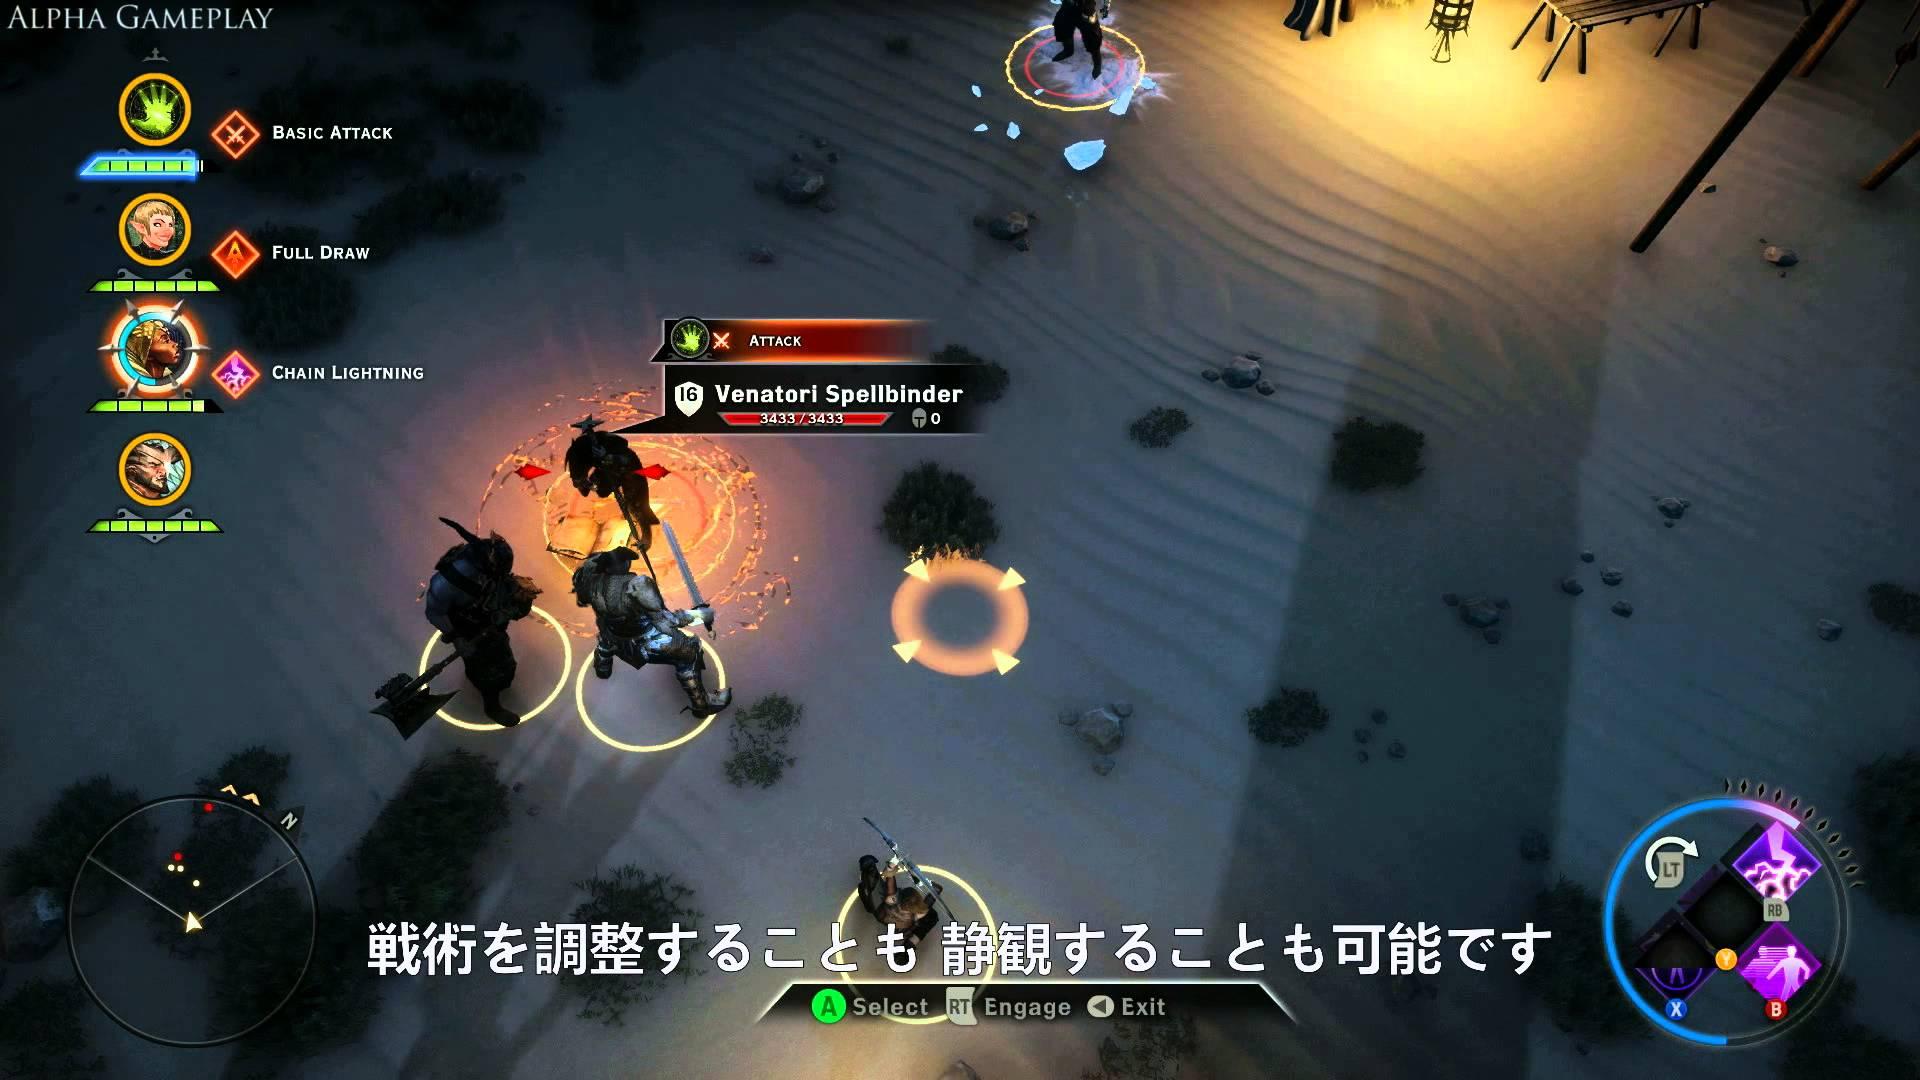 『ドラゴンエイジ:インクイジション』新たな発売日が11月27日に決定。戦闘システム解説トレーラーも公開